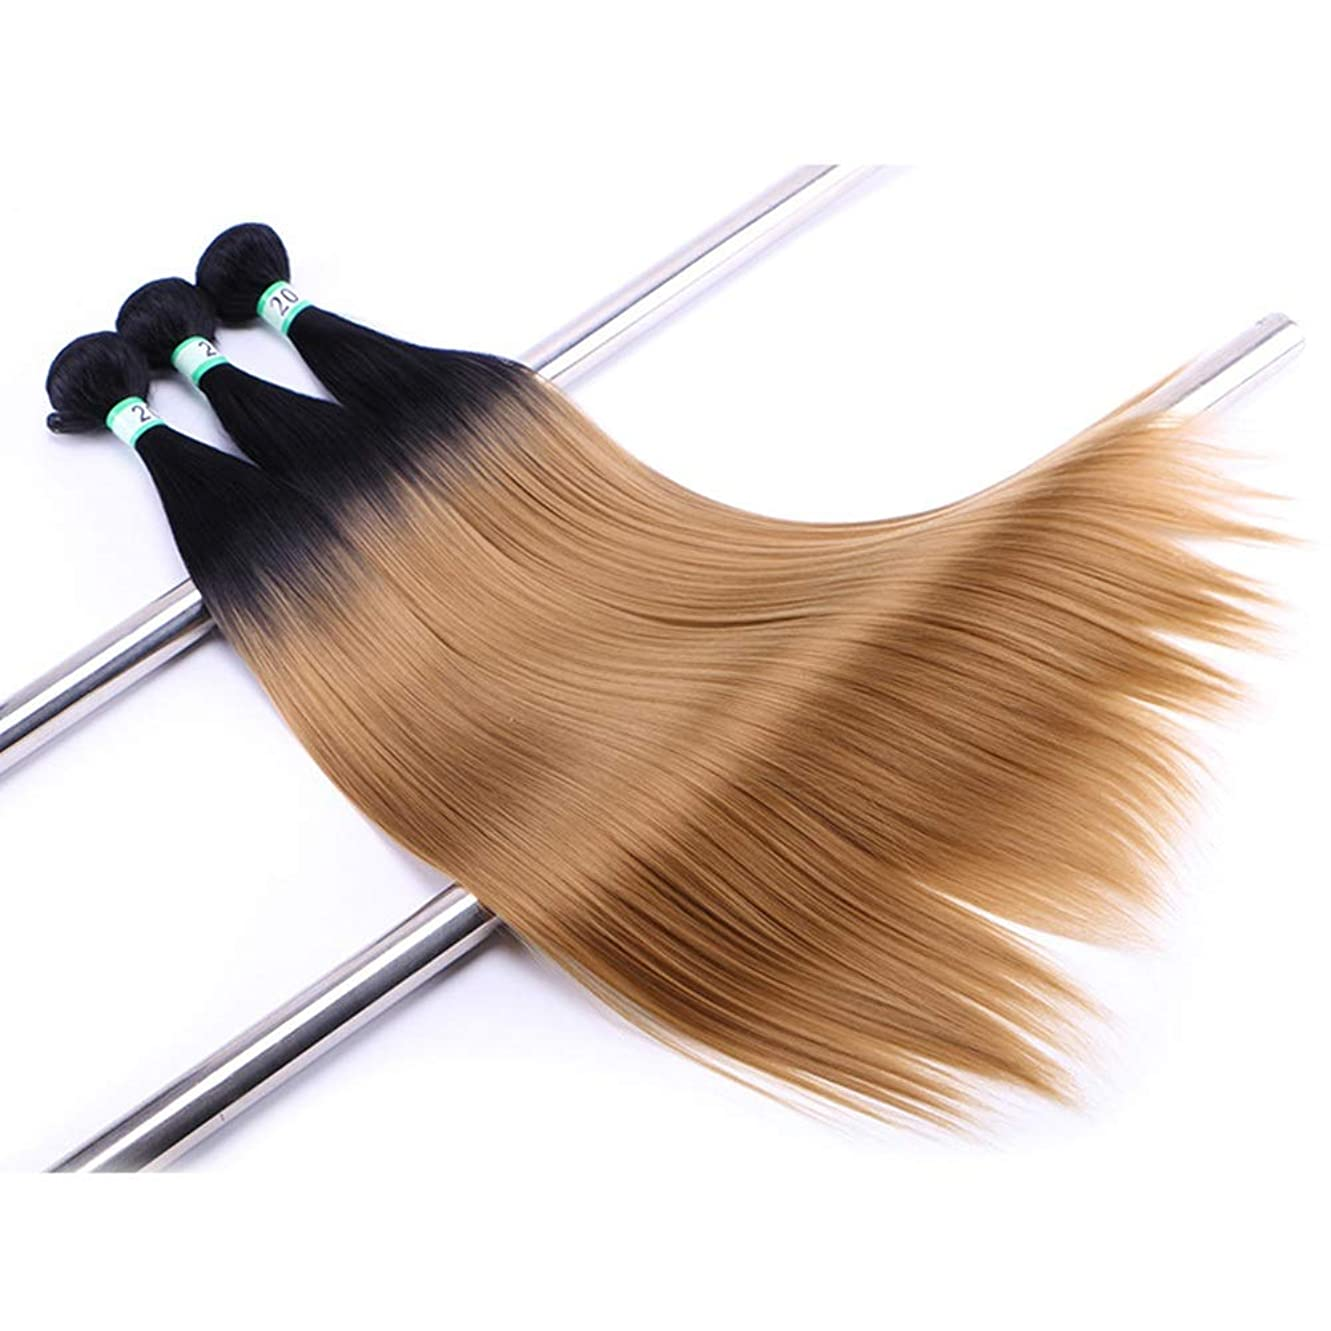 語不規則性原点BOBIDYEE ヘアエクステンション織りバンドルブロンドナチュラルヘア横糸ストレートクリップなし(3バンドル)合成髪レースかつらロールプレイングウィッグロングとショート女性自然 (色 : Blonde, サイズ : 22inch)